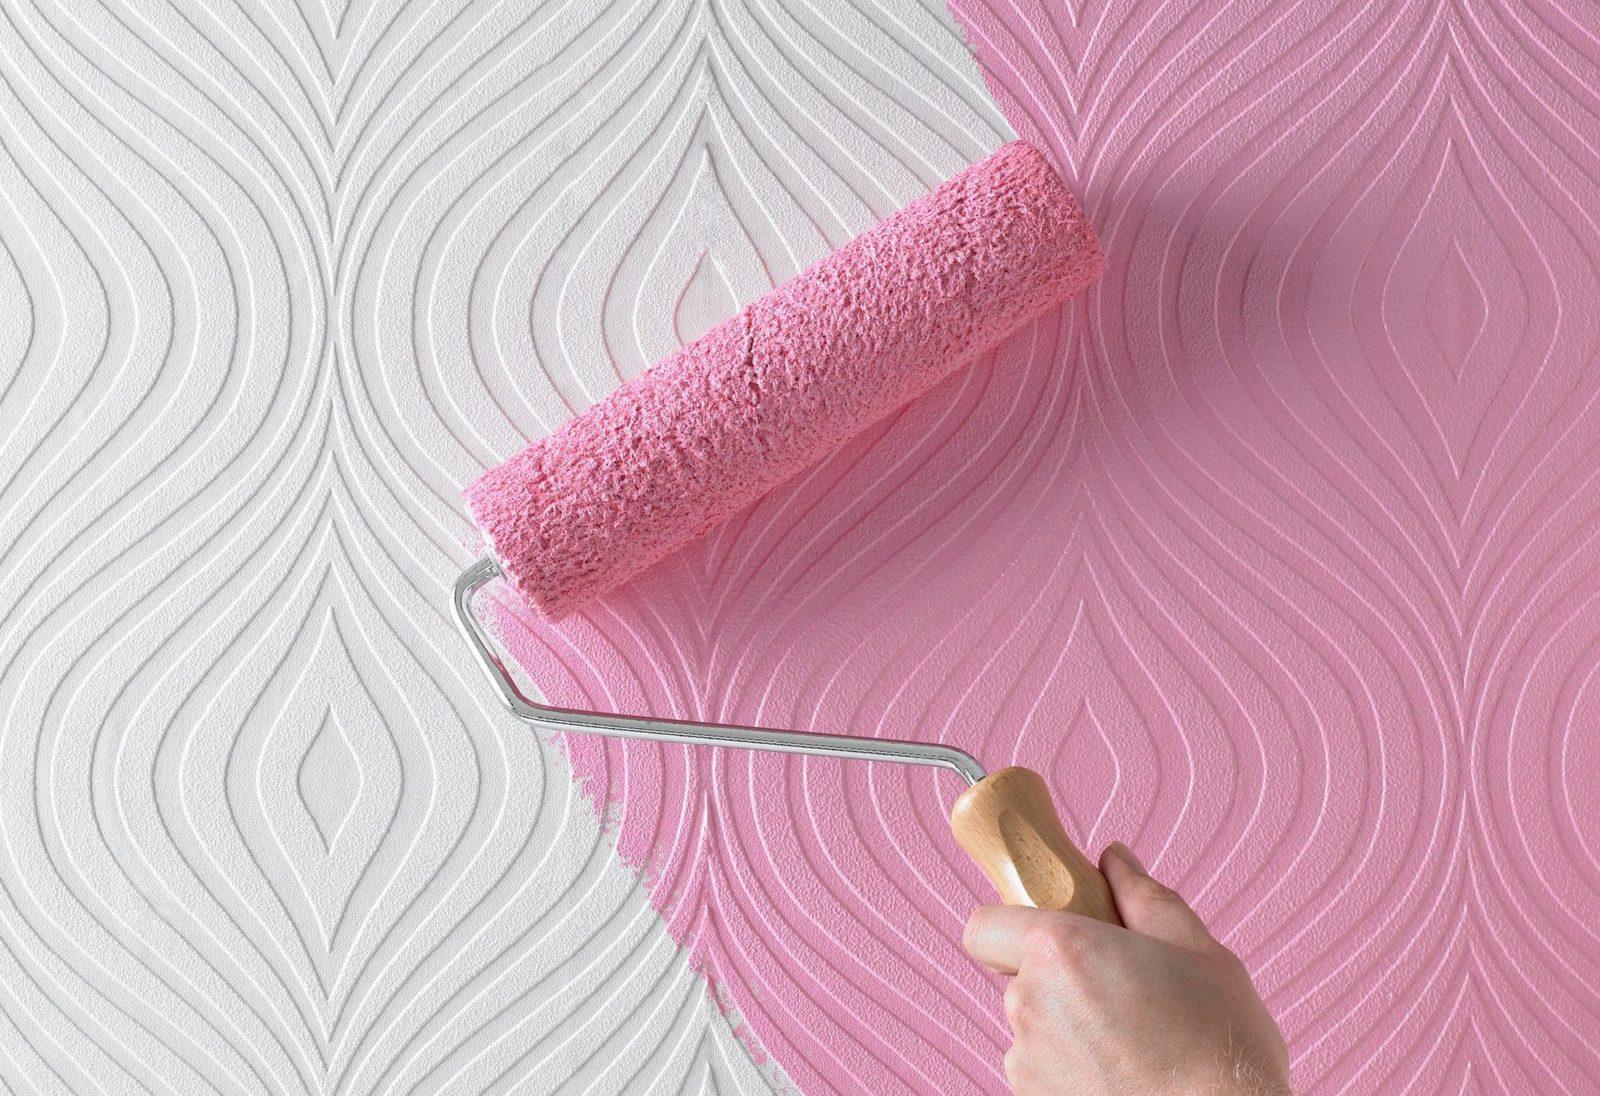 Процесс покраски стекловолокнистых обоев с помощью валика